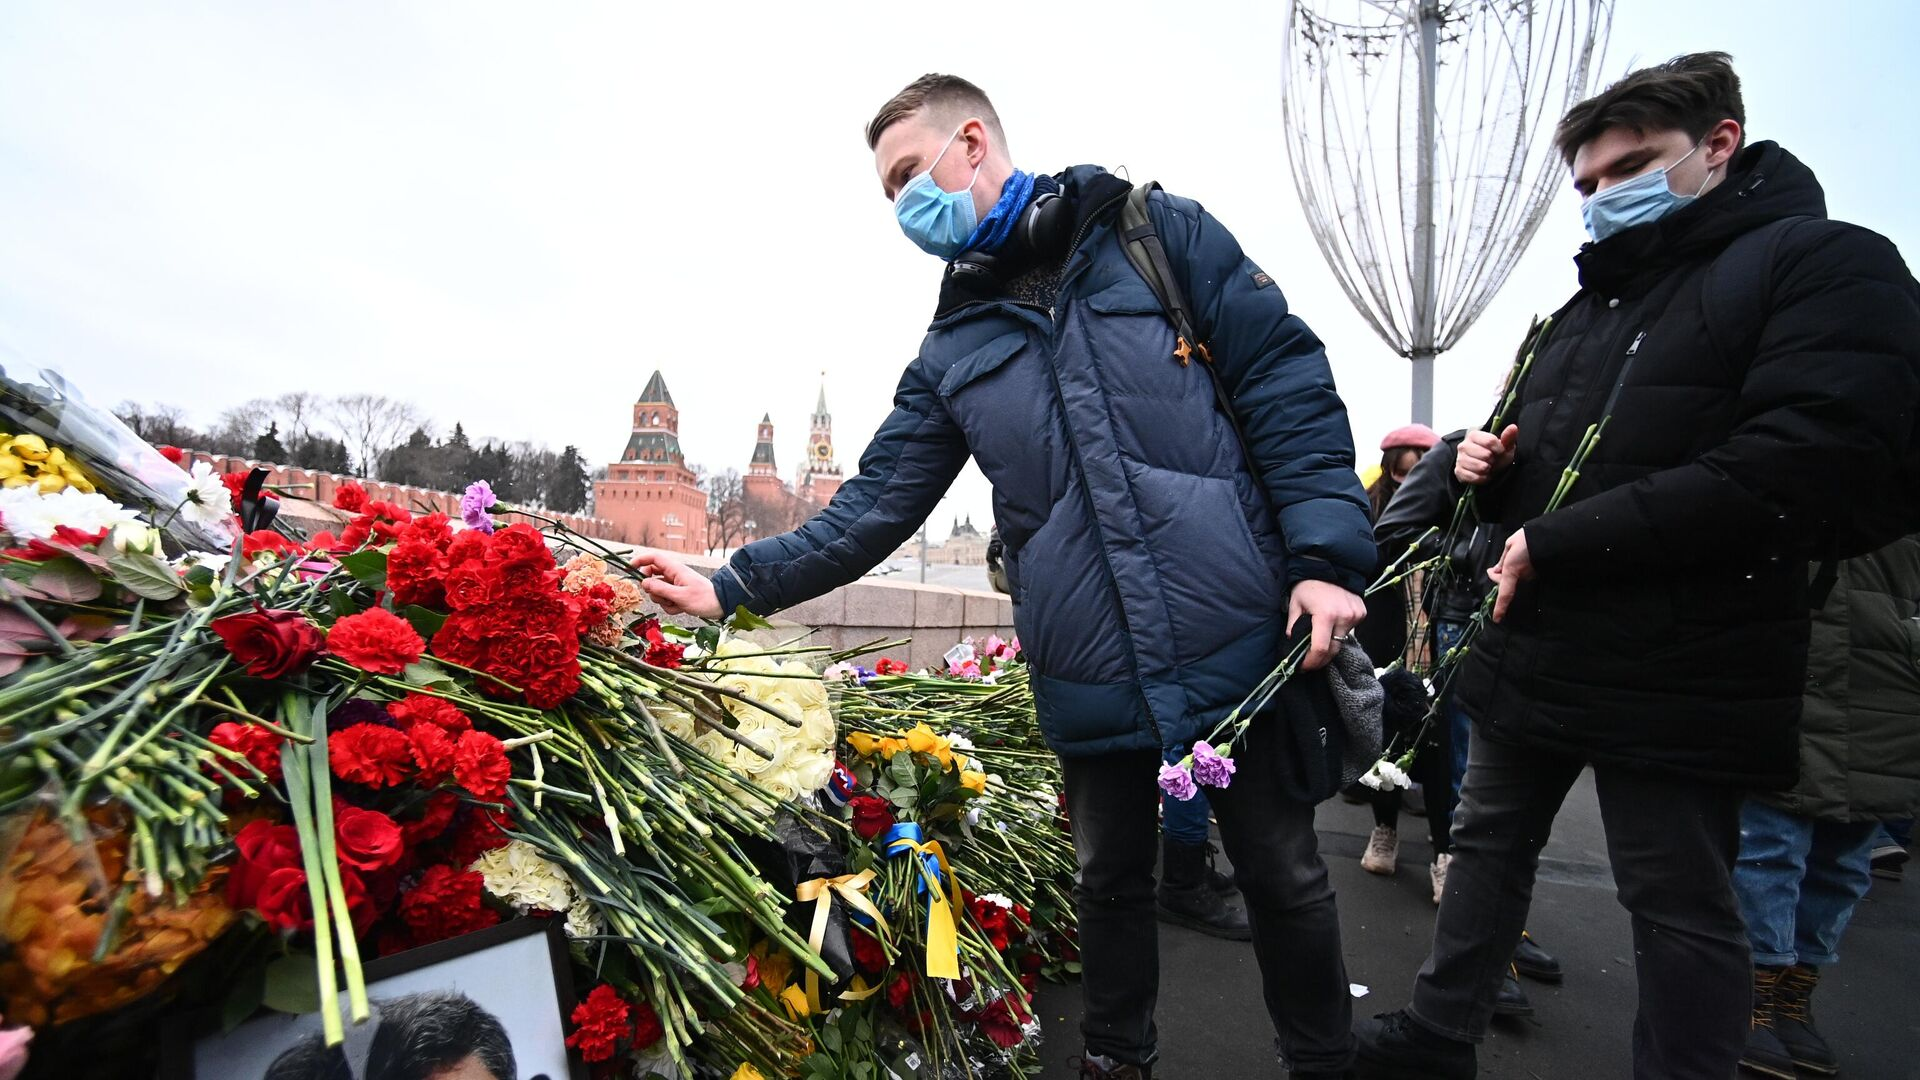 Молодые люди возлагают цветы на месте гибели политика Бориса Немцова на Большом Москворецком мосту в Москве - РИА Новости, 1920, 27.02.2021